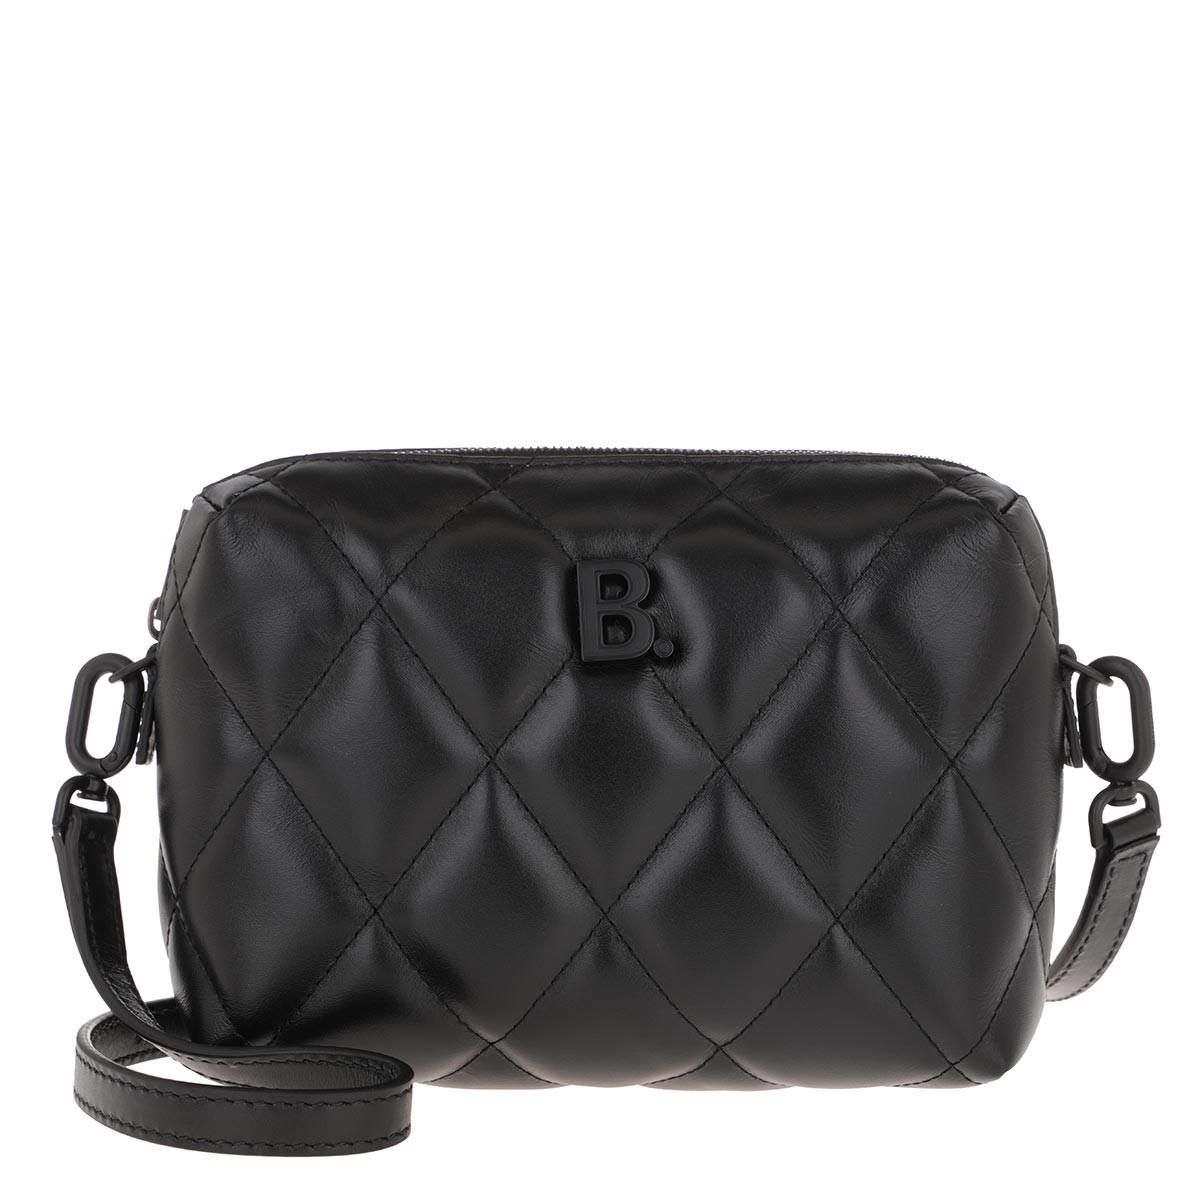 Balenciaga Umhängetasche - XS Touch Camera Bag Black - in schwarz - für Damen